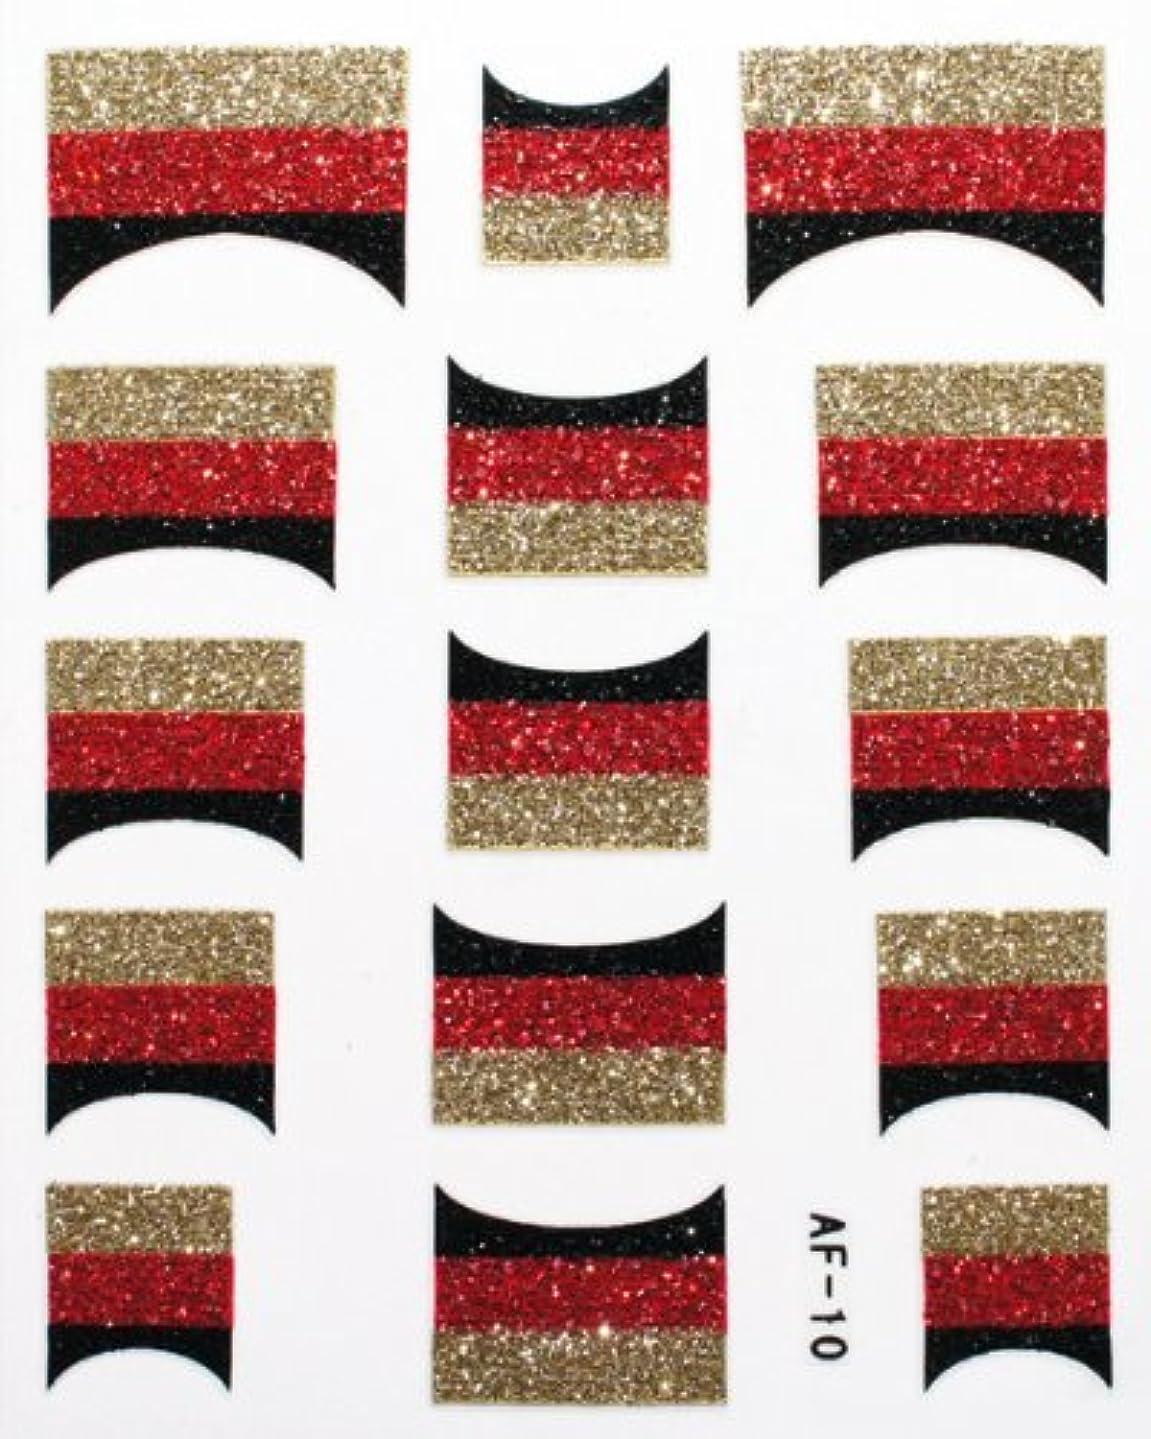 活力分配しますライオンきらきら逆フレンチネイルシール ドイツ国旗 AF10 貼るだけ ジェルネイルアート